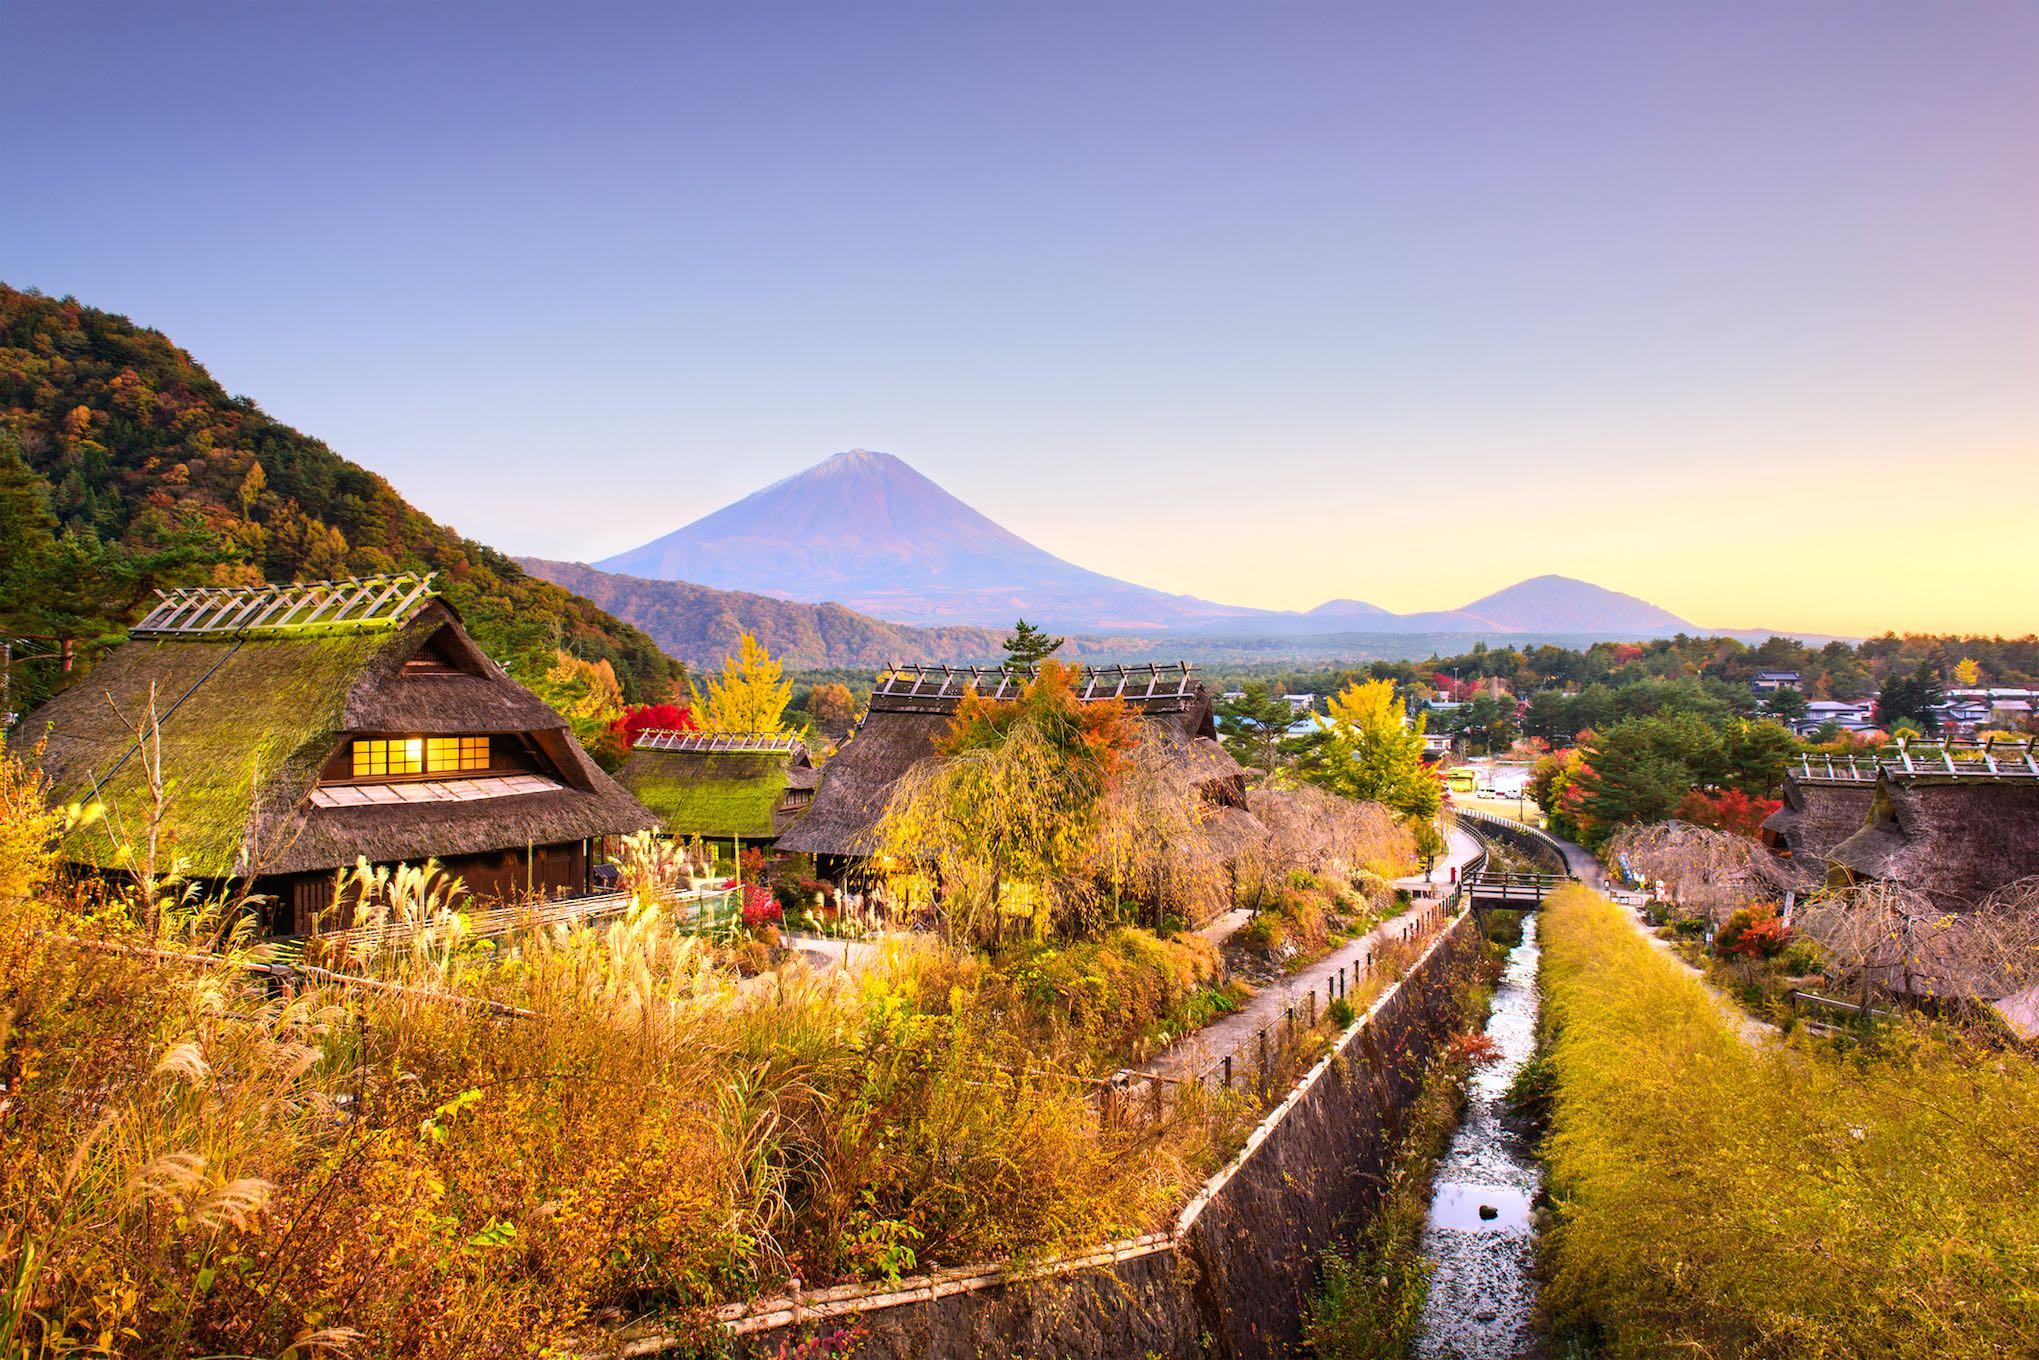 Iyashi-no-sato Village